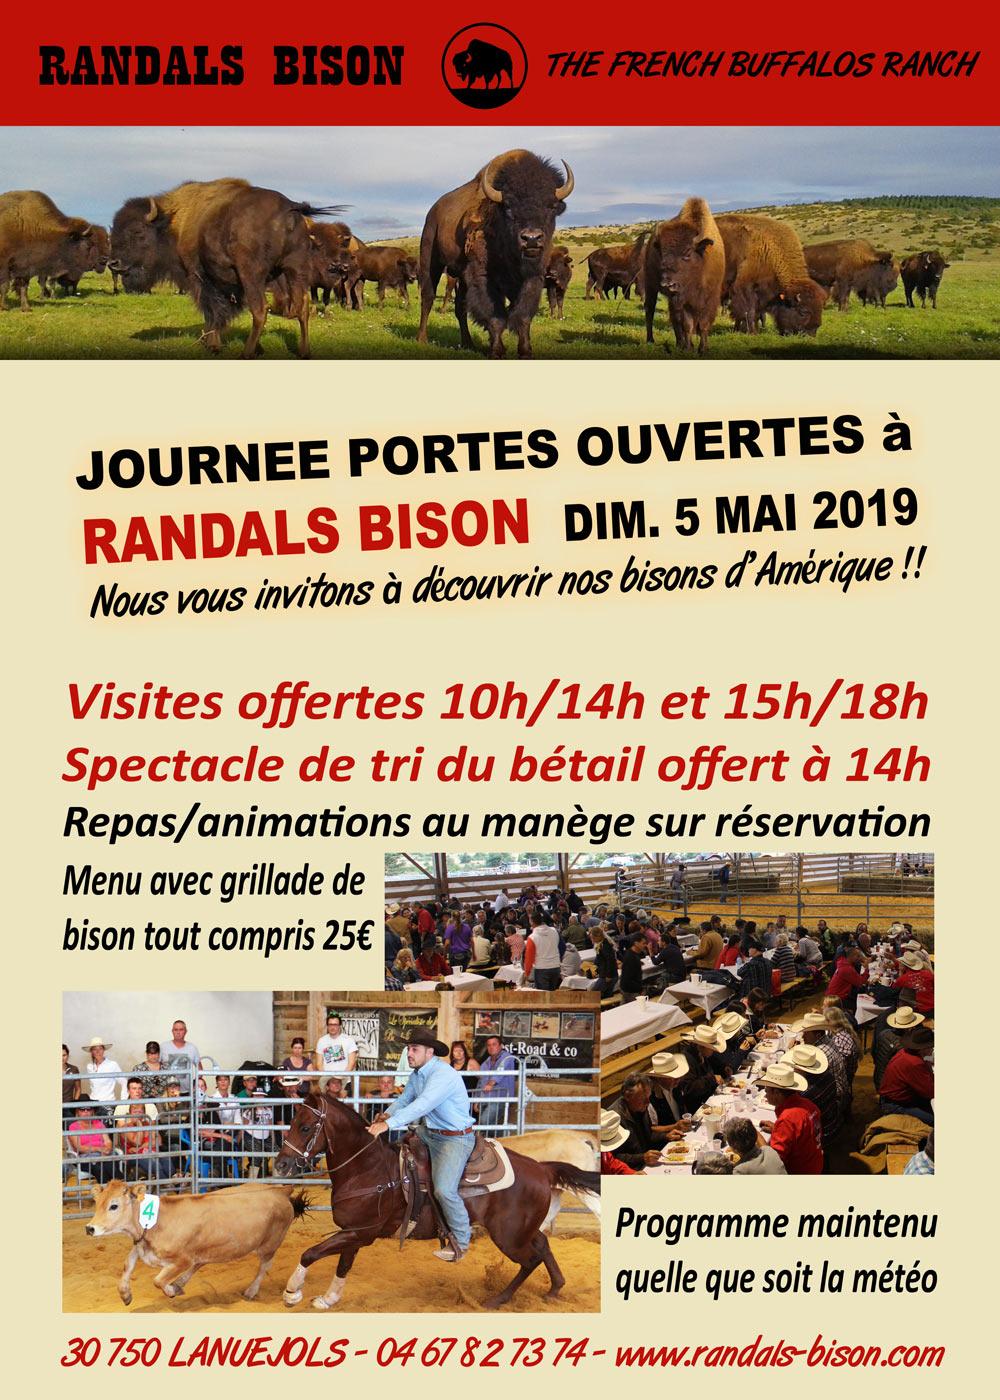 Journée Portes Ouvertes à Randals bison le 5 mai 2019